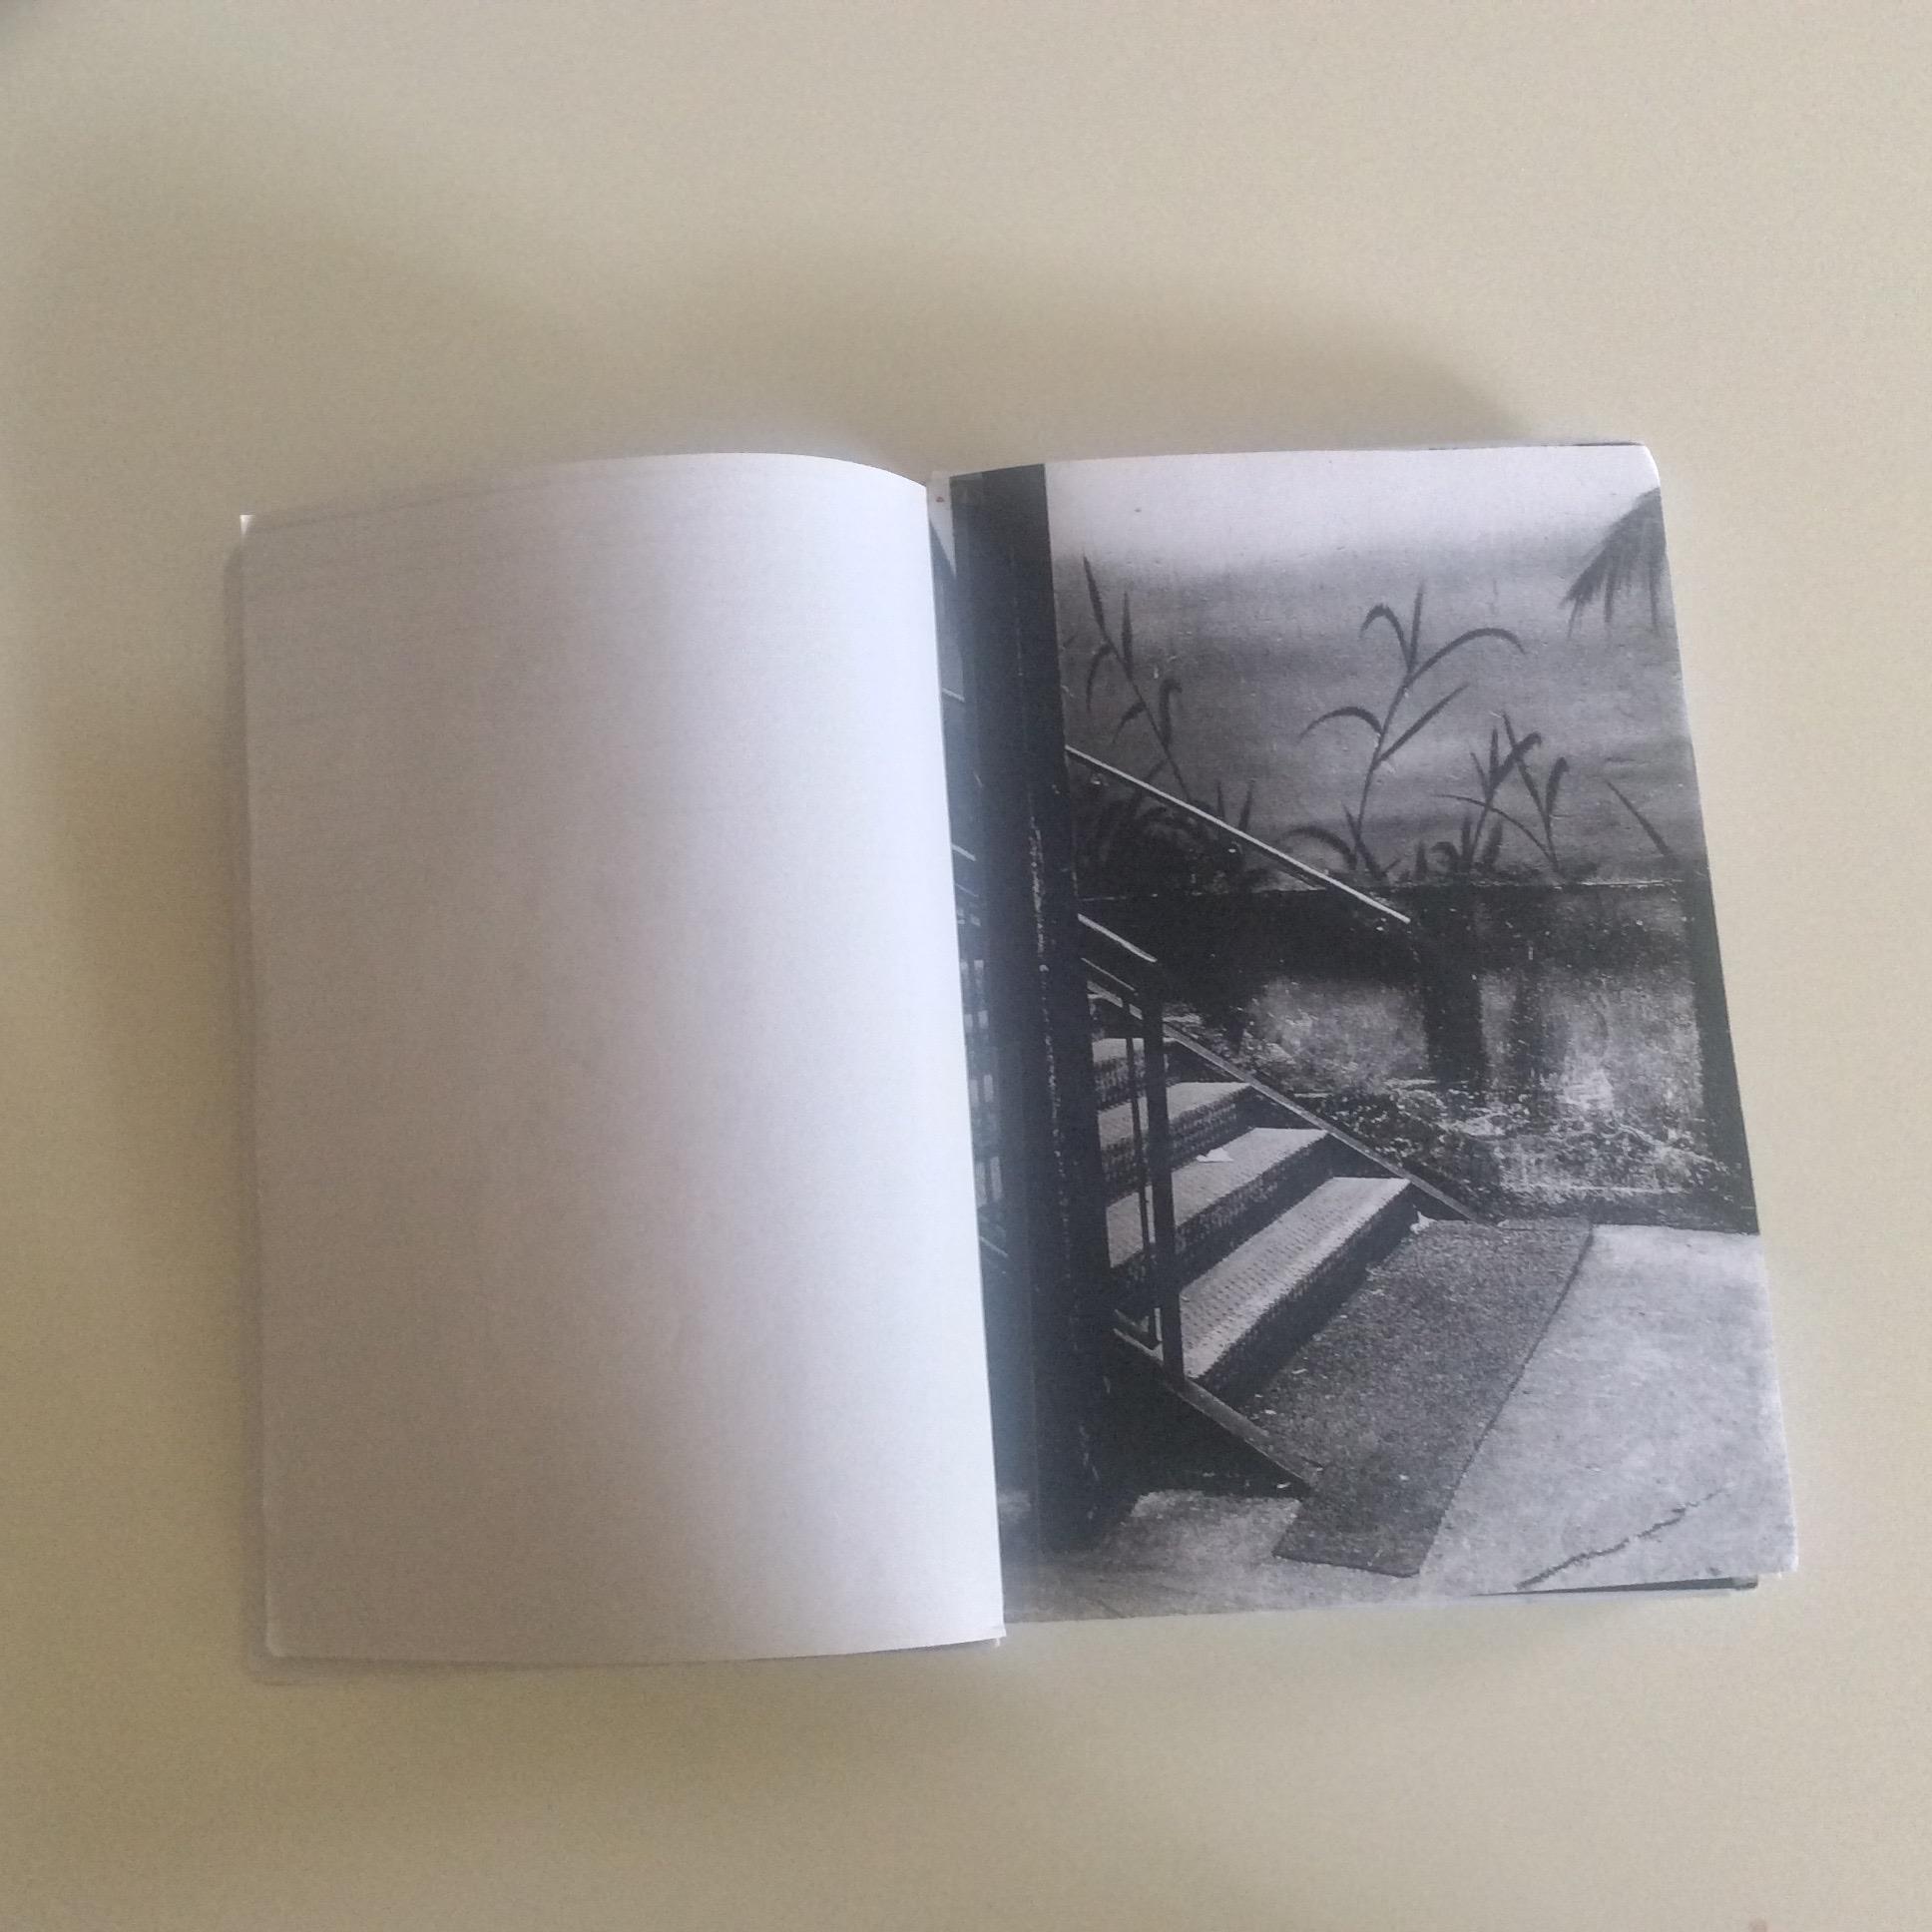 Photographies Sabrina Karp-dessin du livre Claire Jolin-les editions orange claireIMG_1456